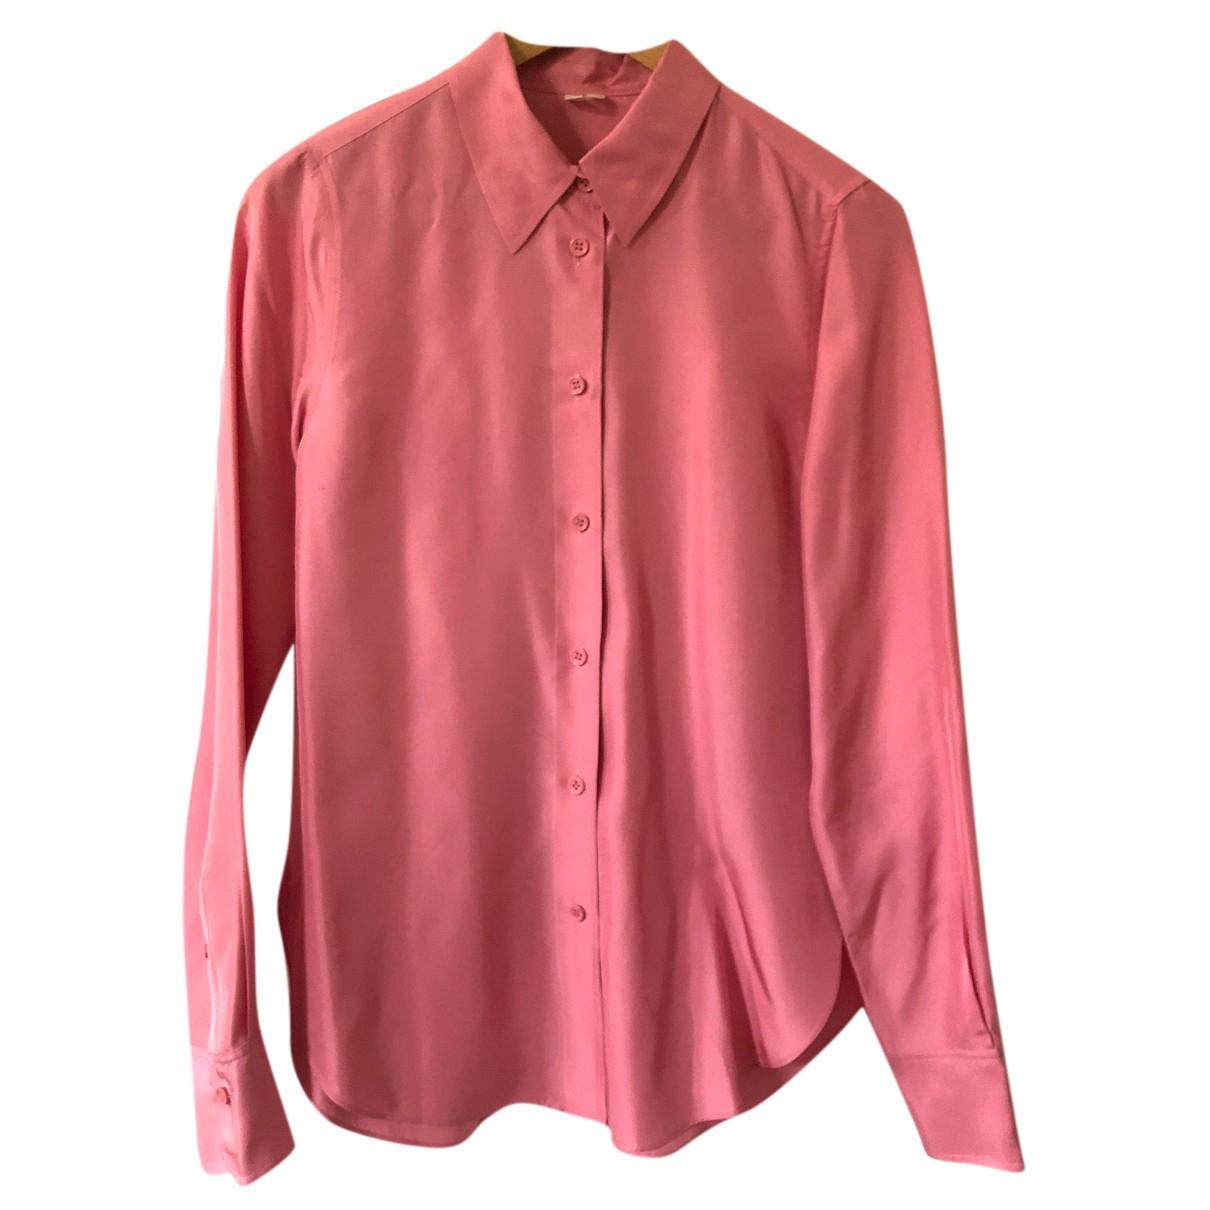 Arket - Top   pour femme en soie - rose